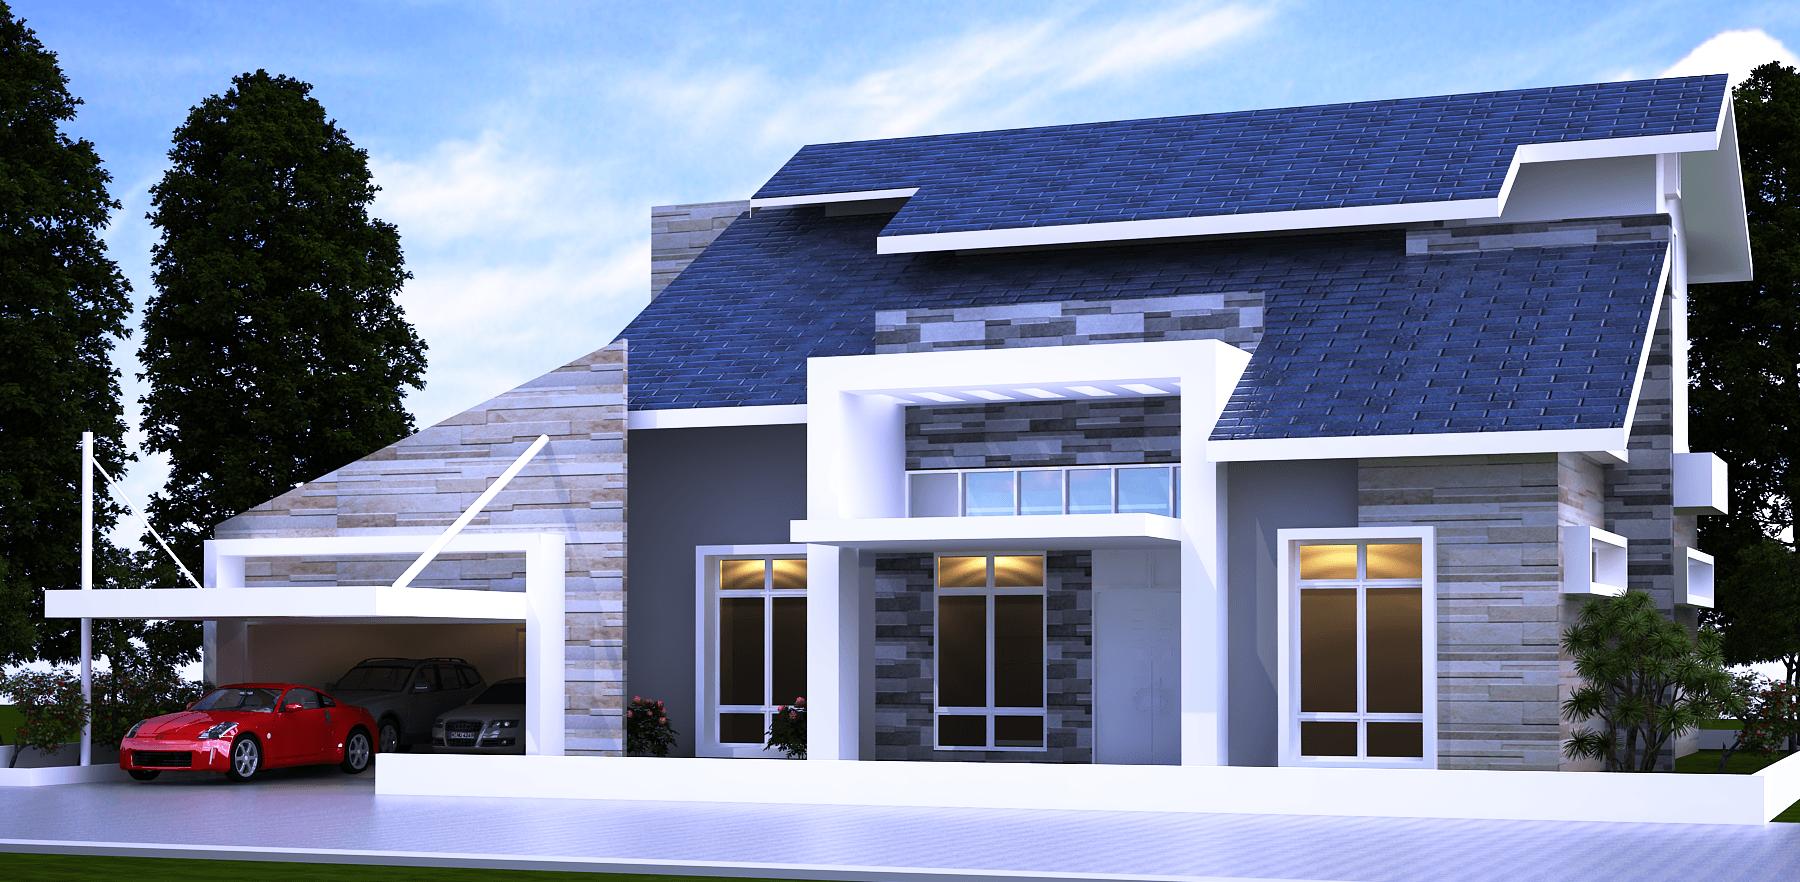 Depoint Arsitek Desain Rumah Tasbih Medan, Kota Medan, Sumatera Utara, Indonesia Medan, Kota Medan, Sumatera Utara, Indonesia C1   39469